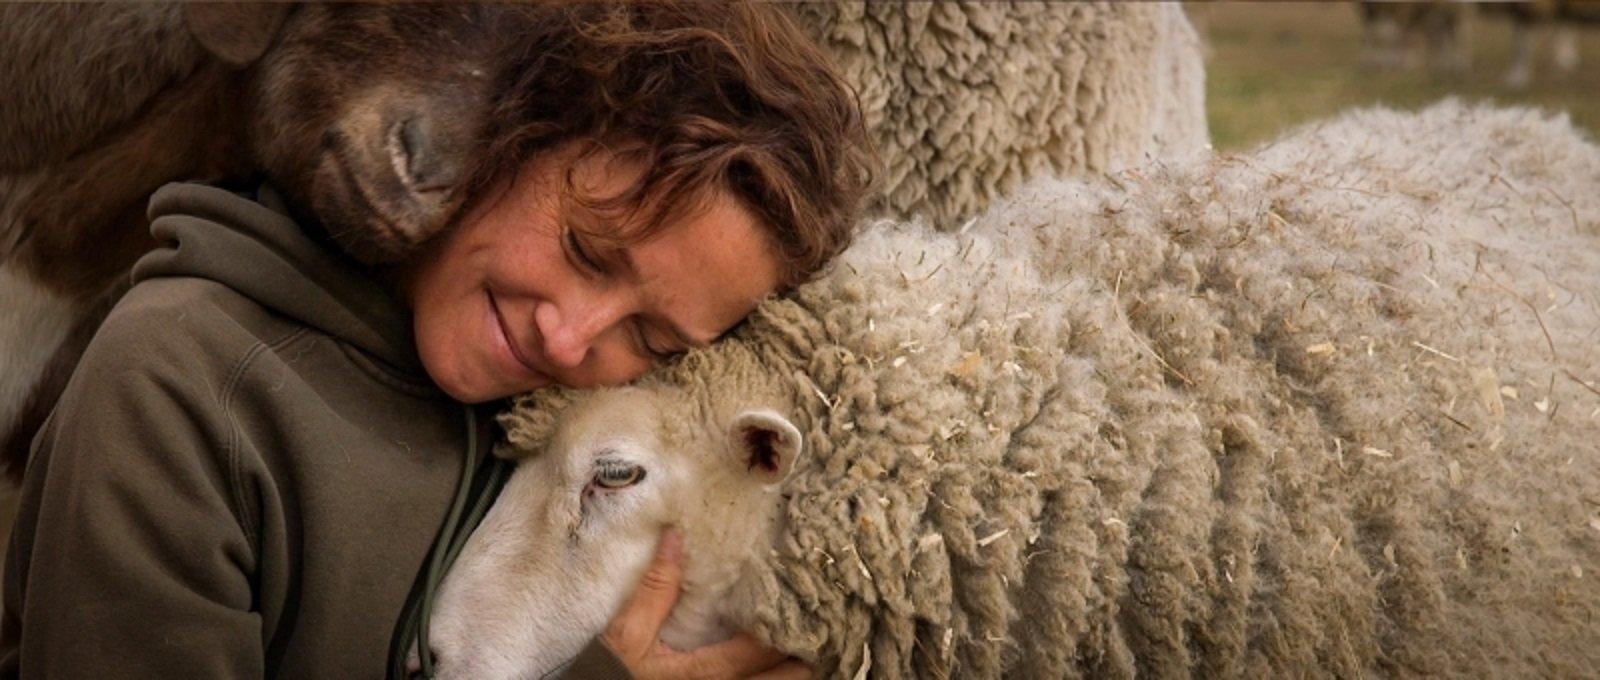 Czy zwierzęta mają prawa? Cykl dokumentalny w Planete+